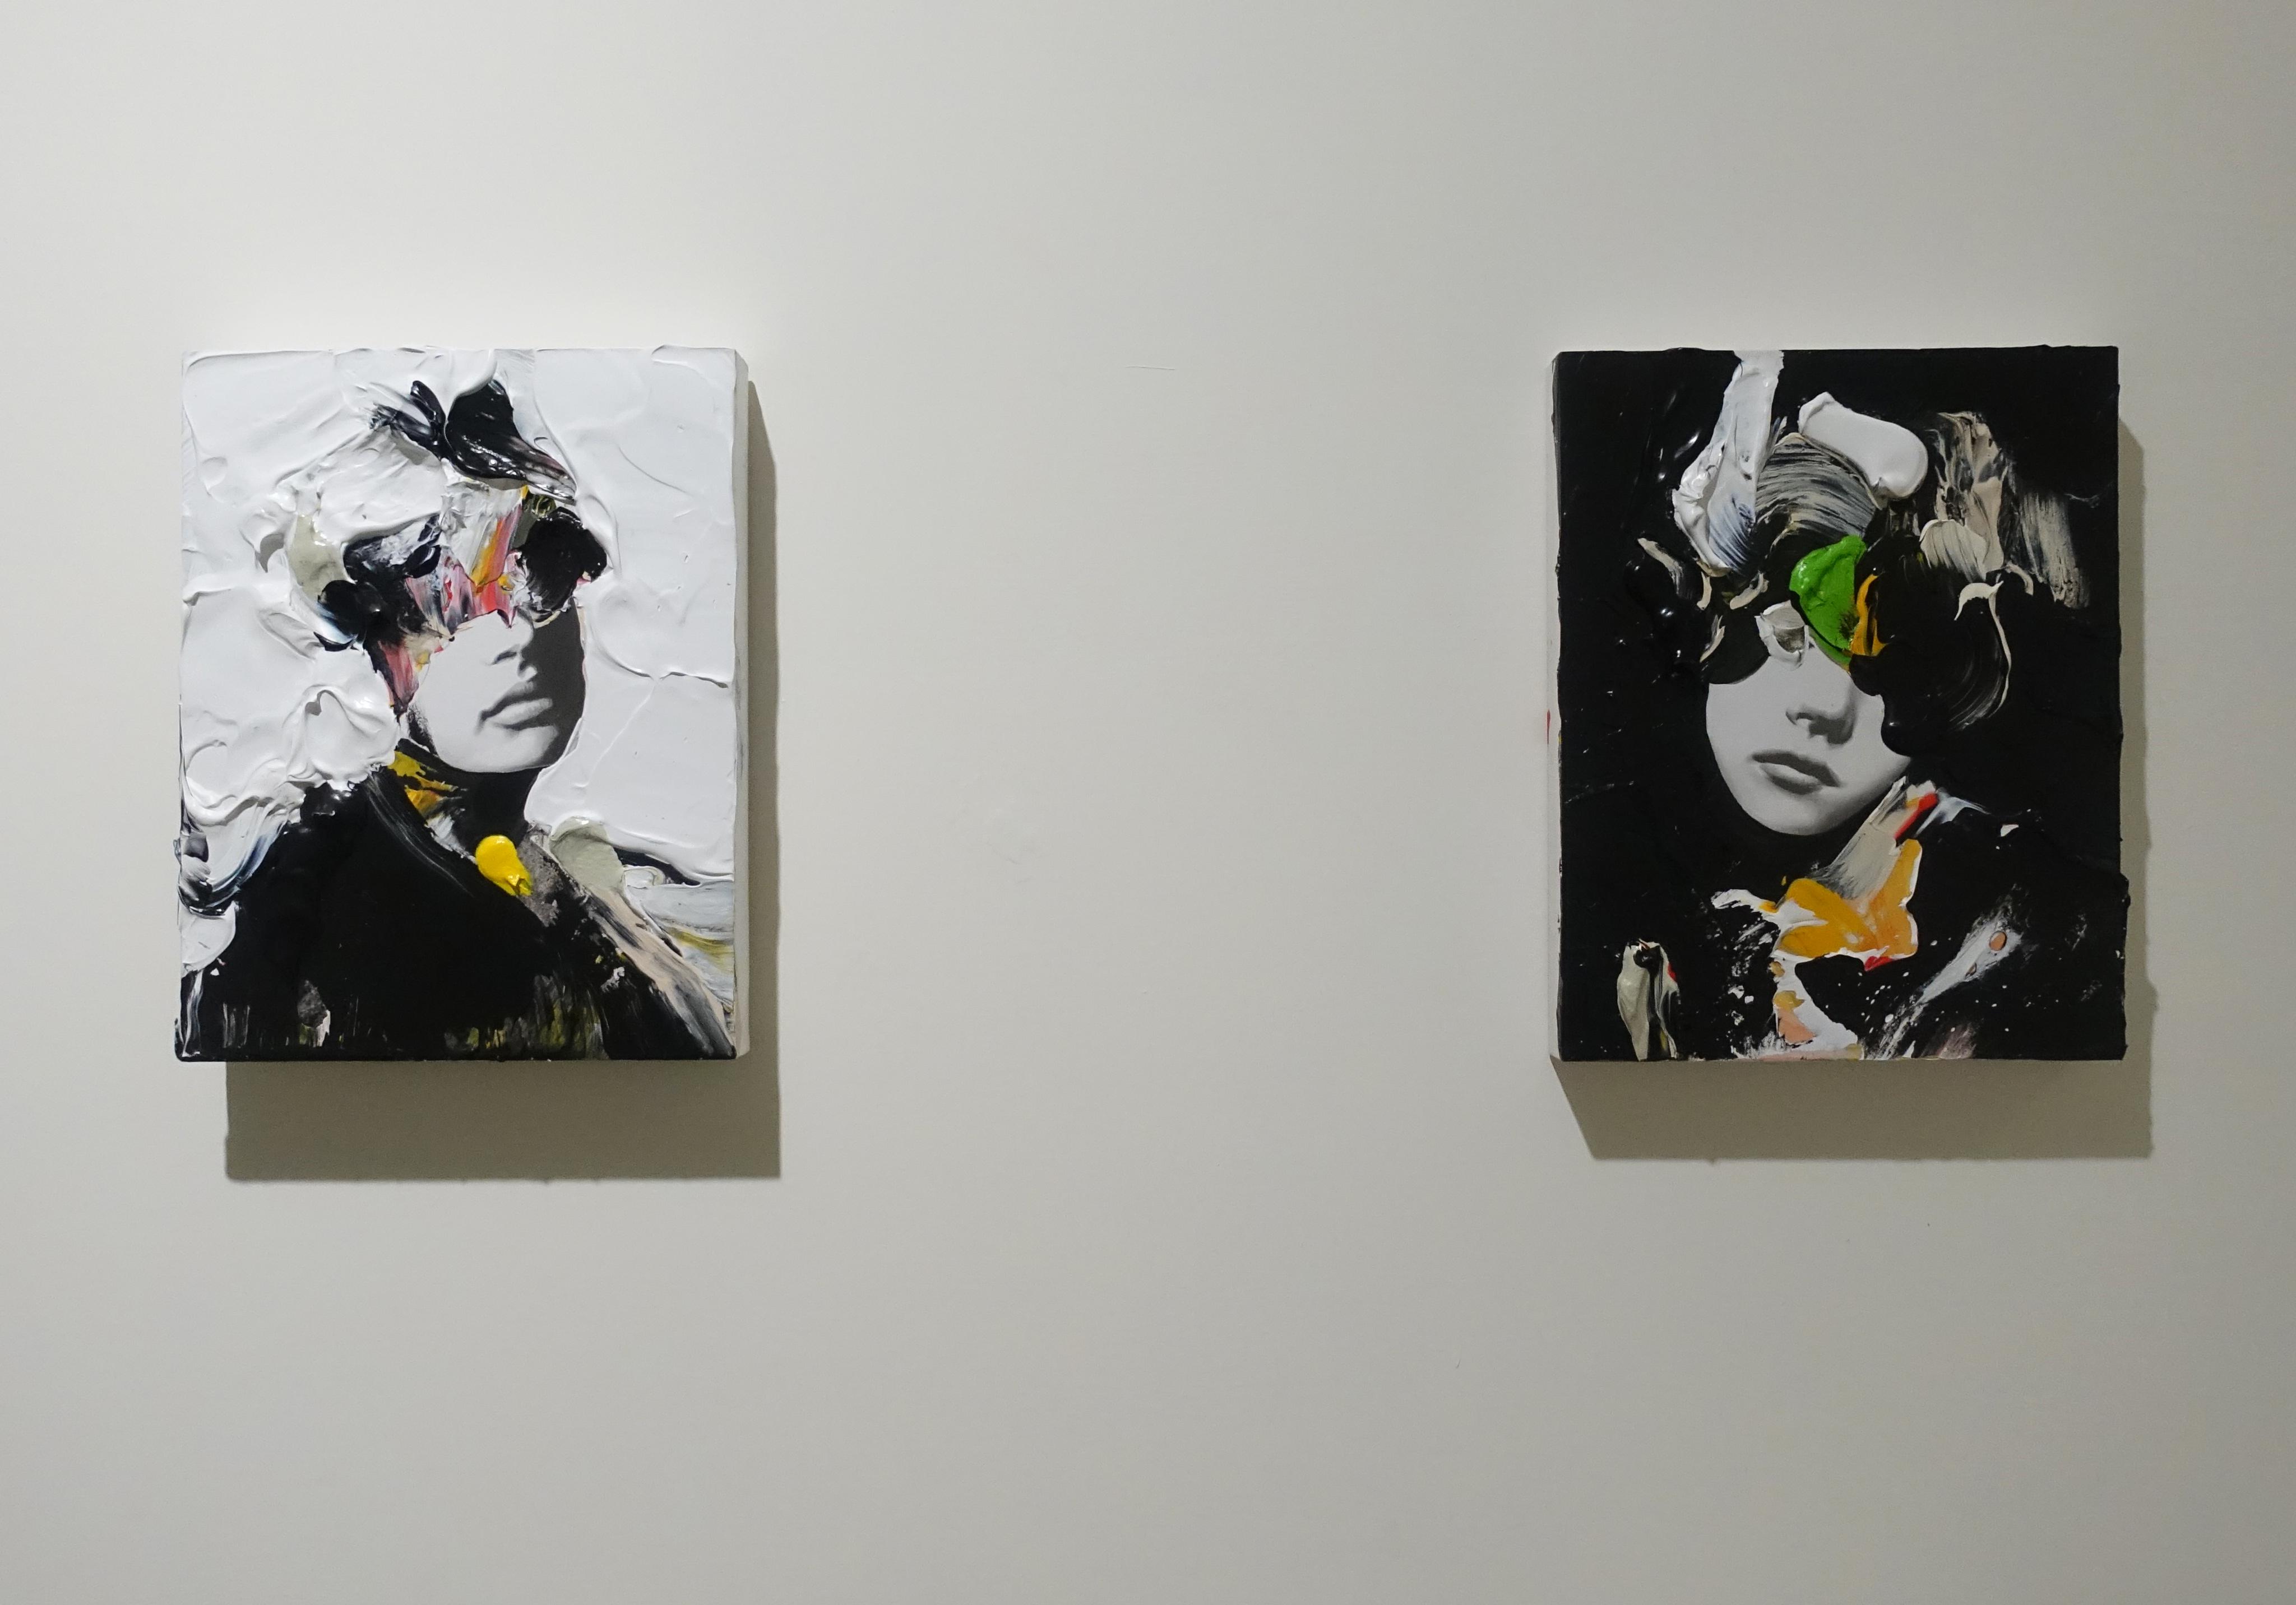 佐藤誠高,《Snip Girl 》系列作品,18 x 14 cm,鉛筆、壓克力、紙、木板,2019。